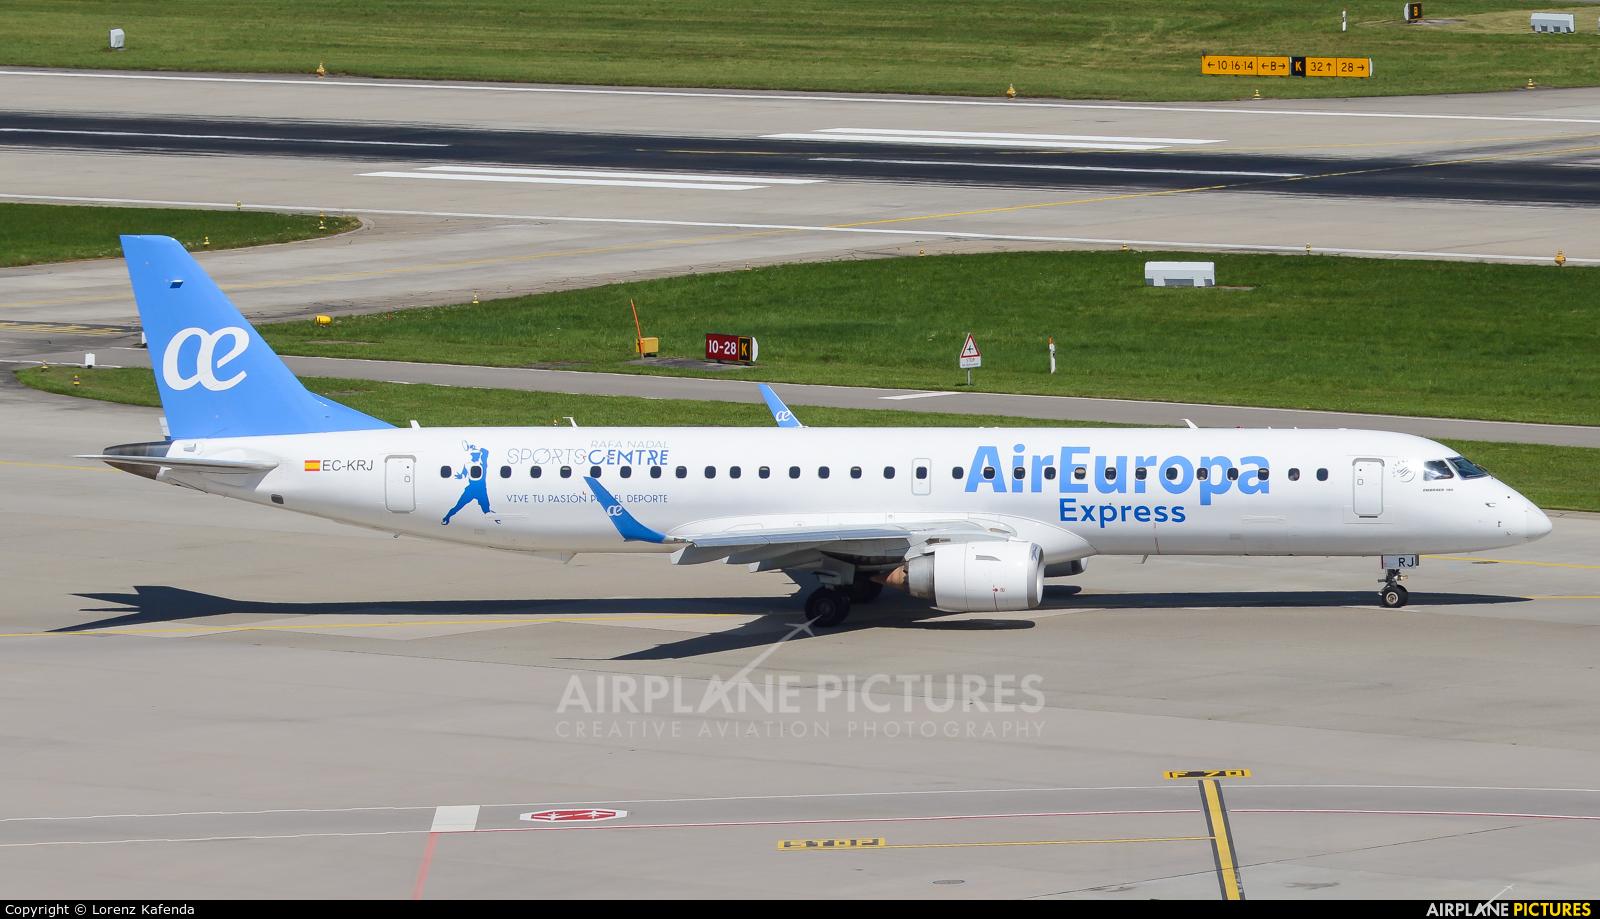 Air Europa EC-KRJ aircraft at Zurich